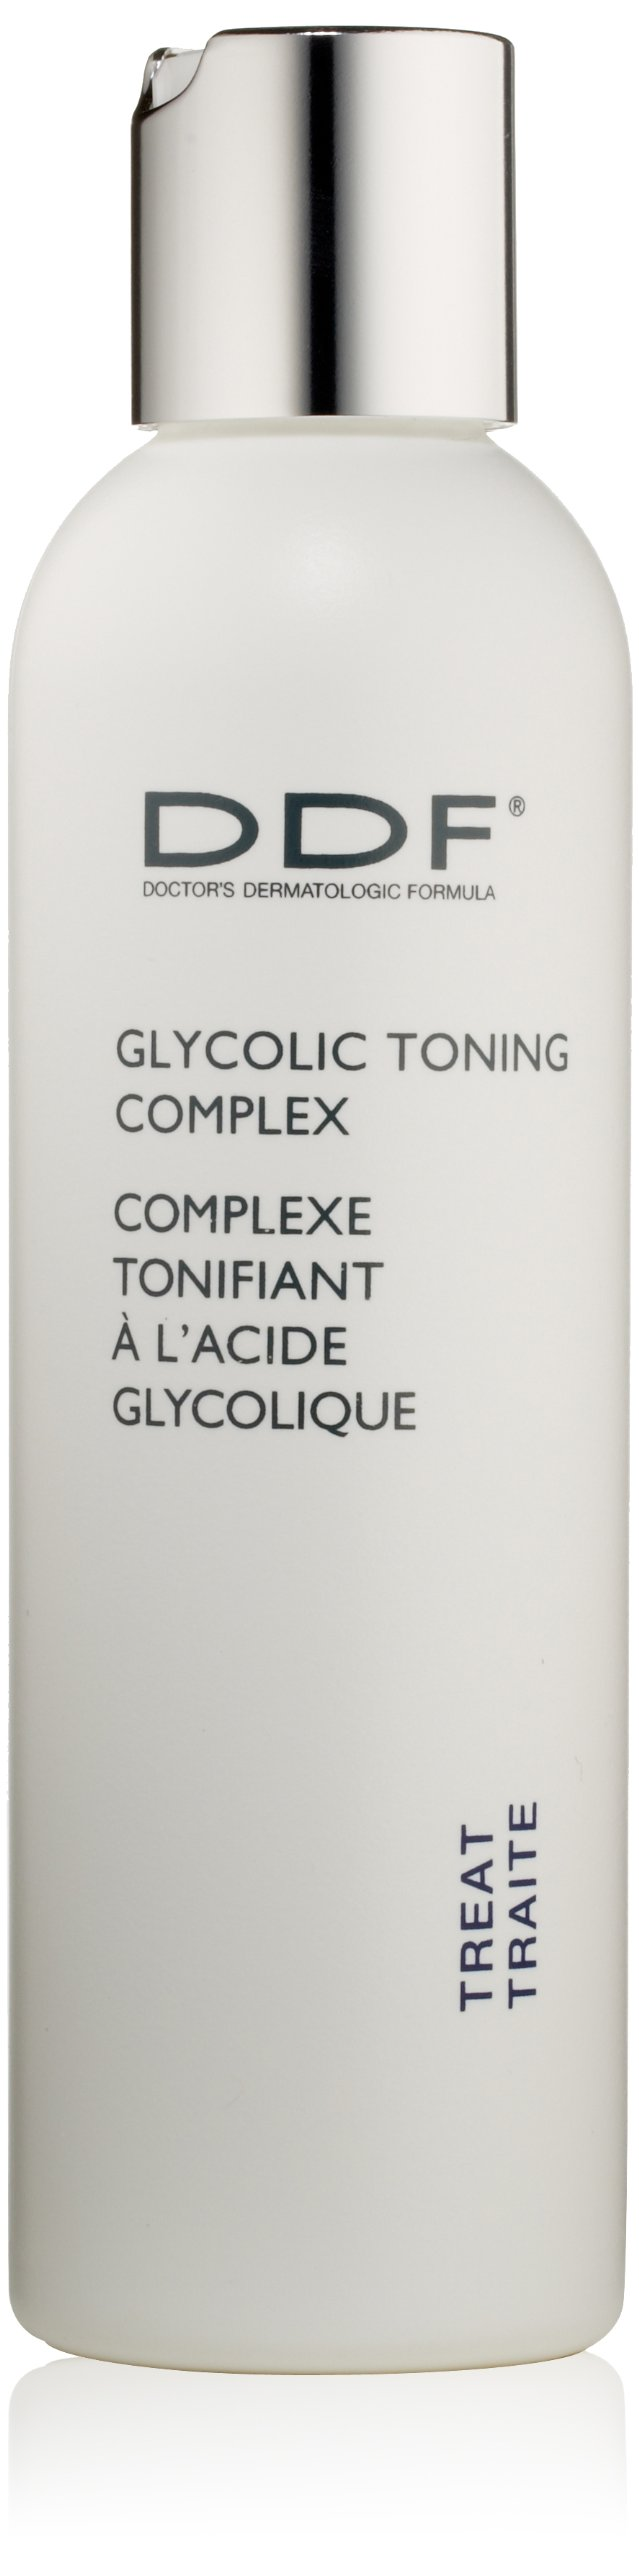 DDF Glycolic Toning Complex, 6 fl. oz.